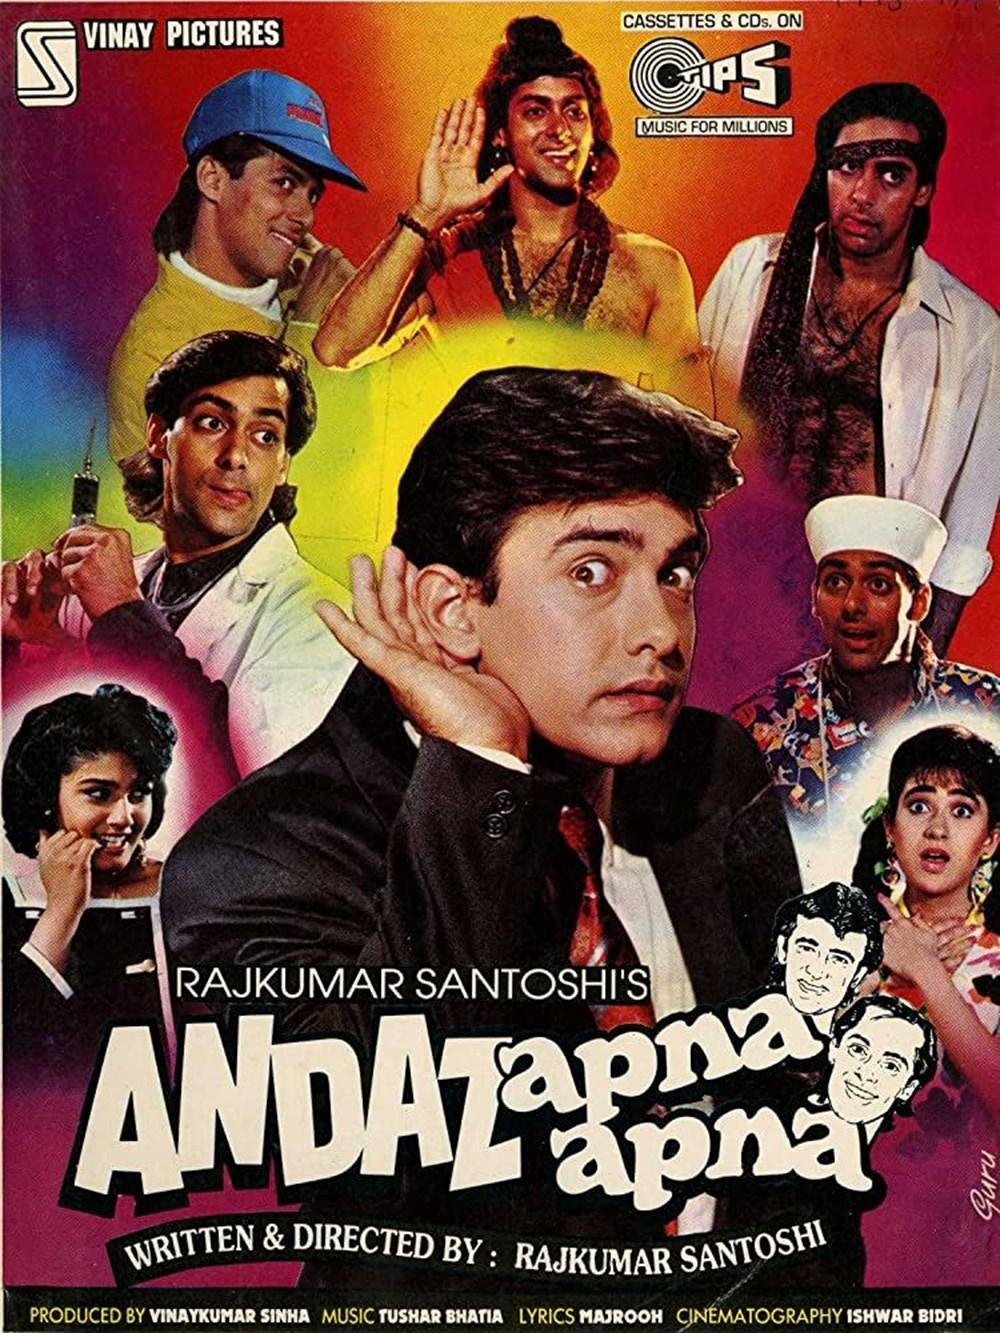 En iyi Aamir Khan filmleri (Aamir Khan'ın izlenmesi gereken filmleri) - 25